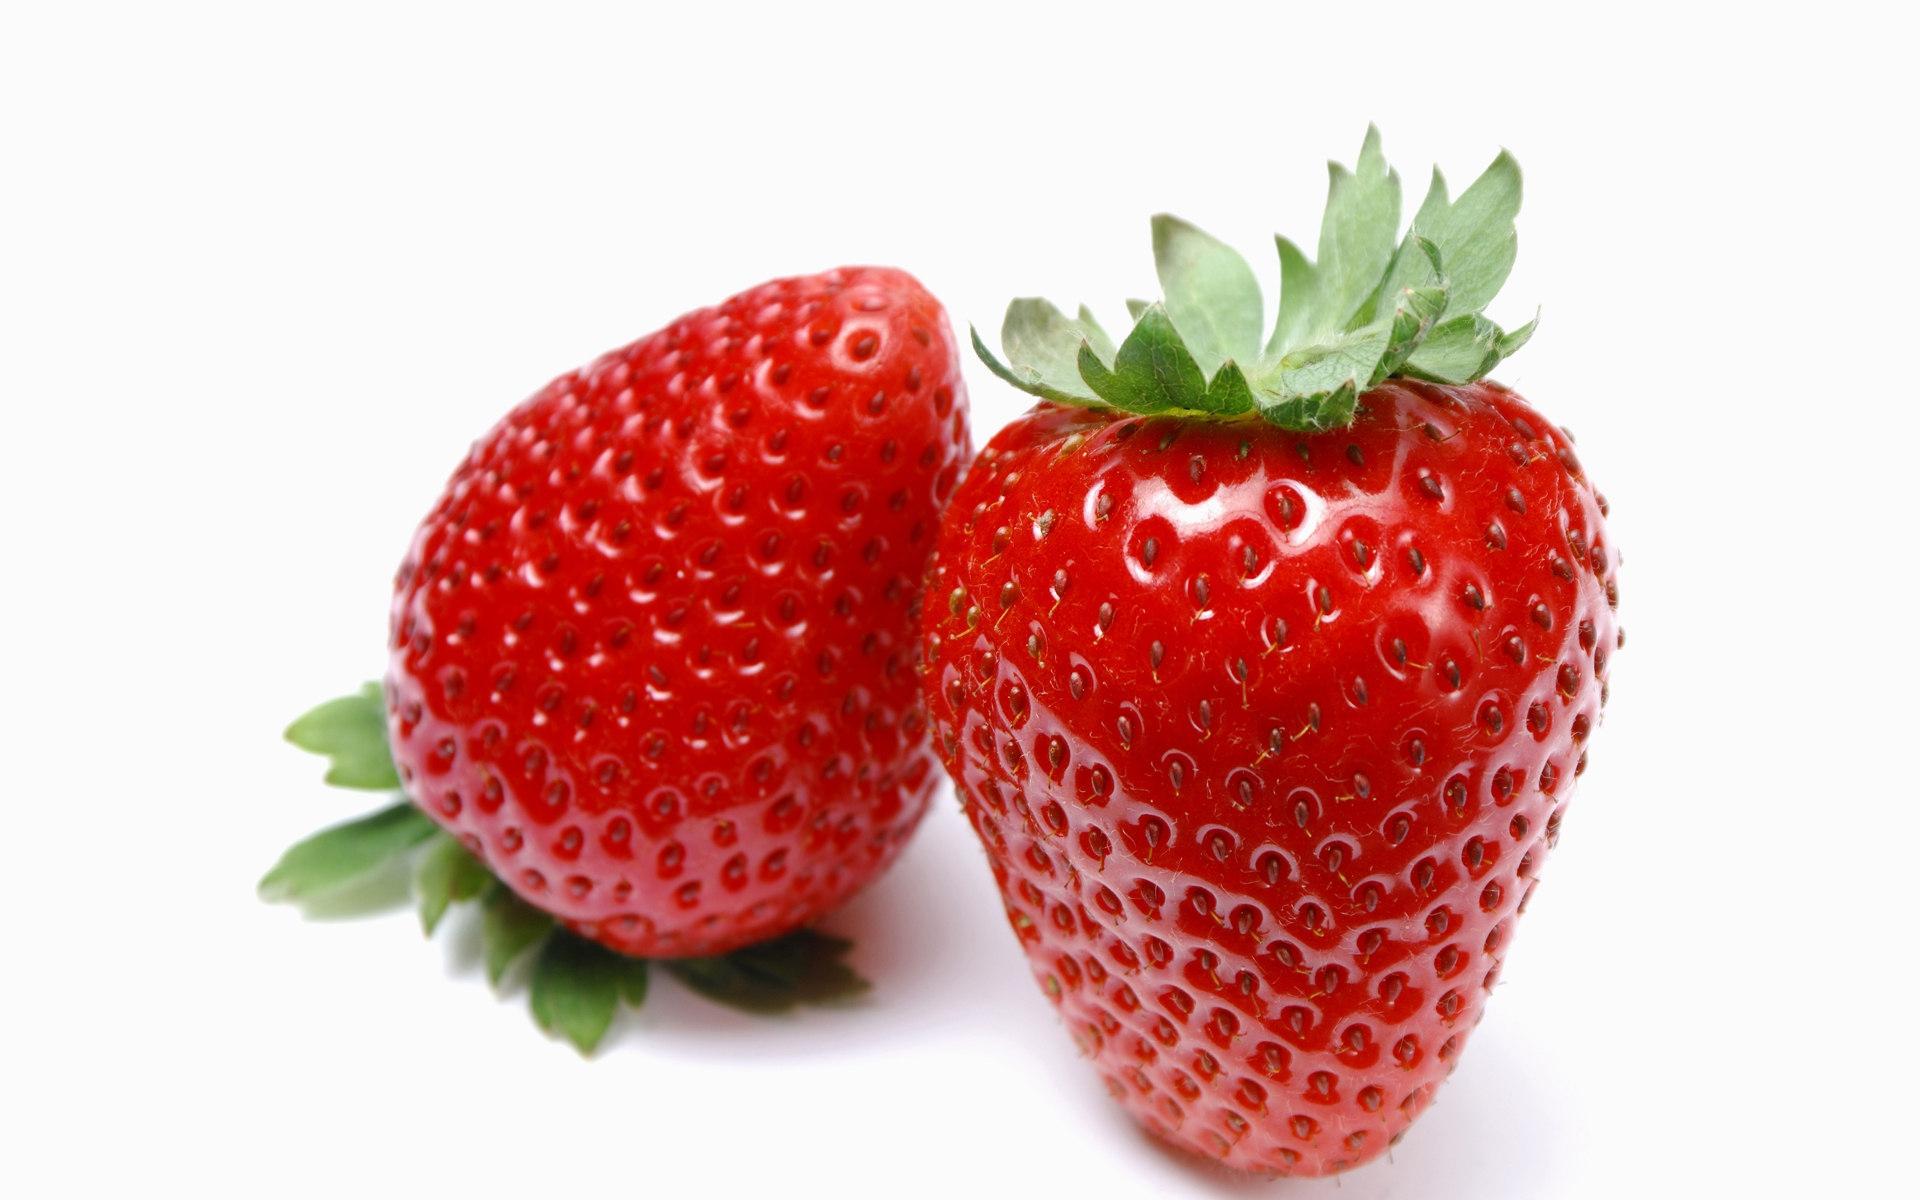 Strawberry Hd